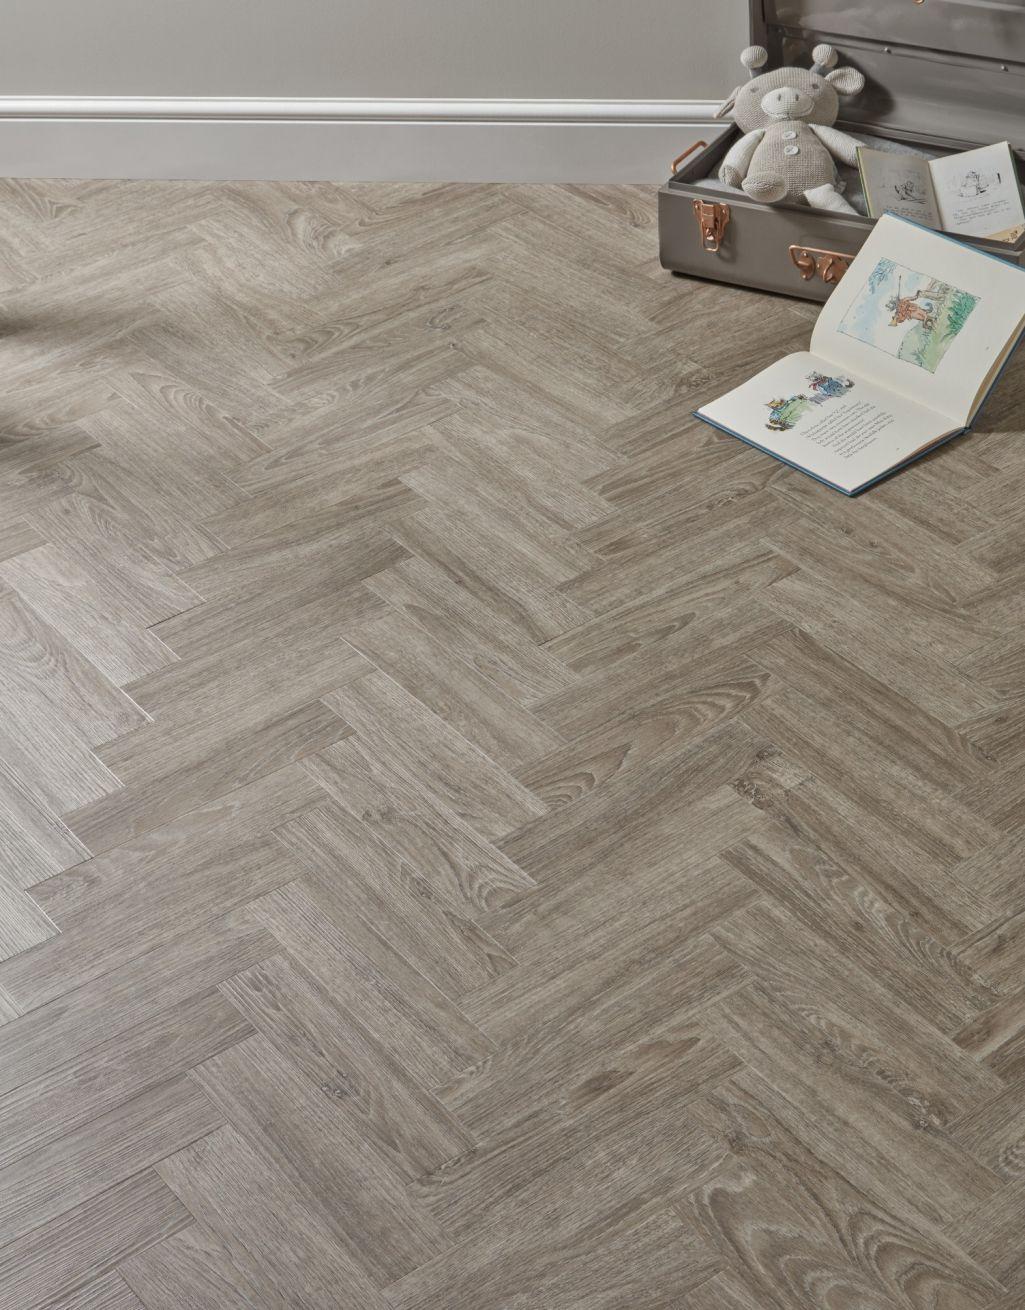 Washed Grey Oak Lvt Flooring, Grey Wash Laminate Flooring